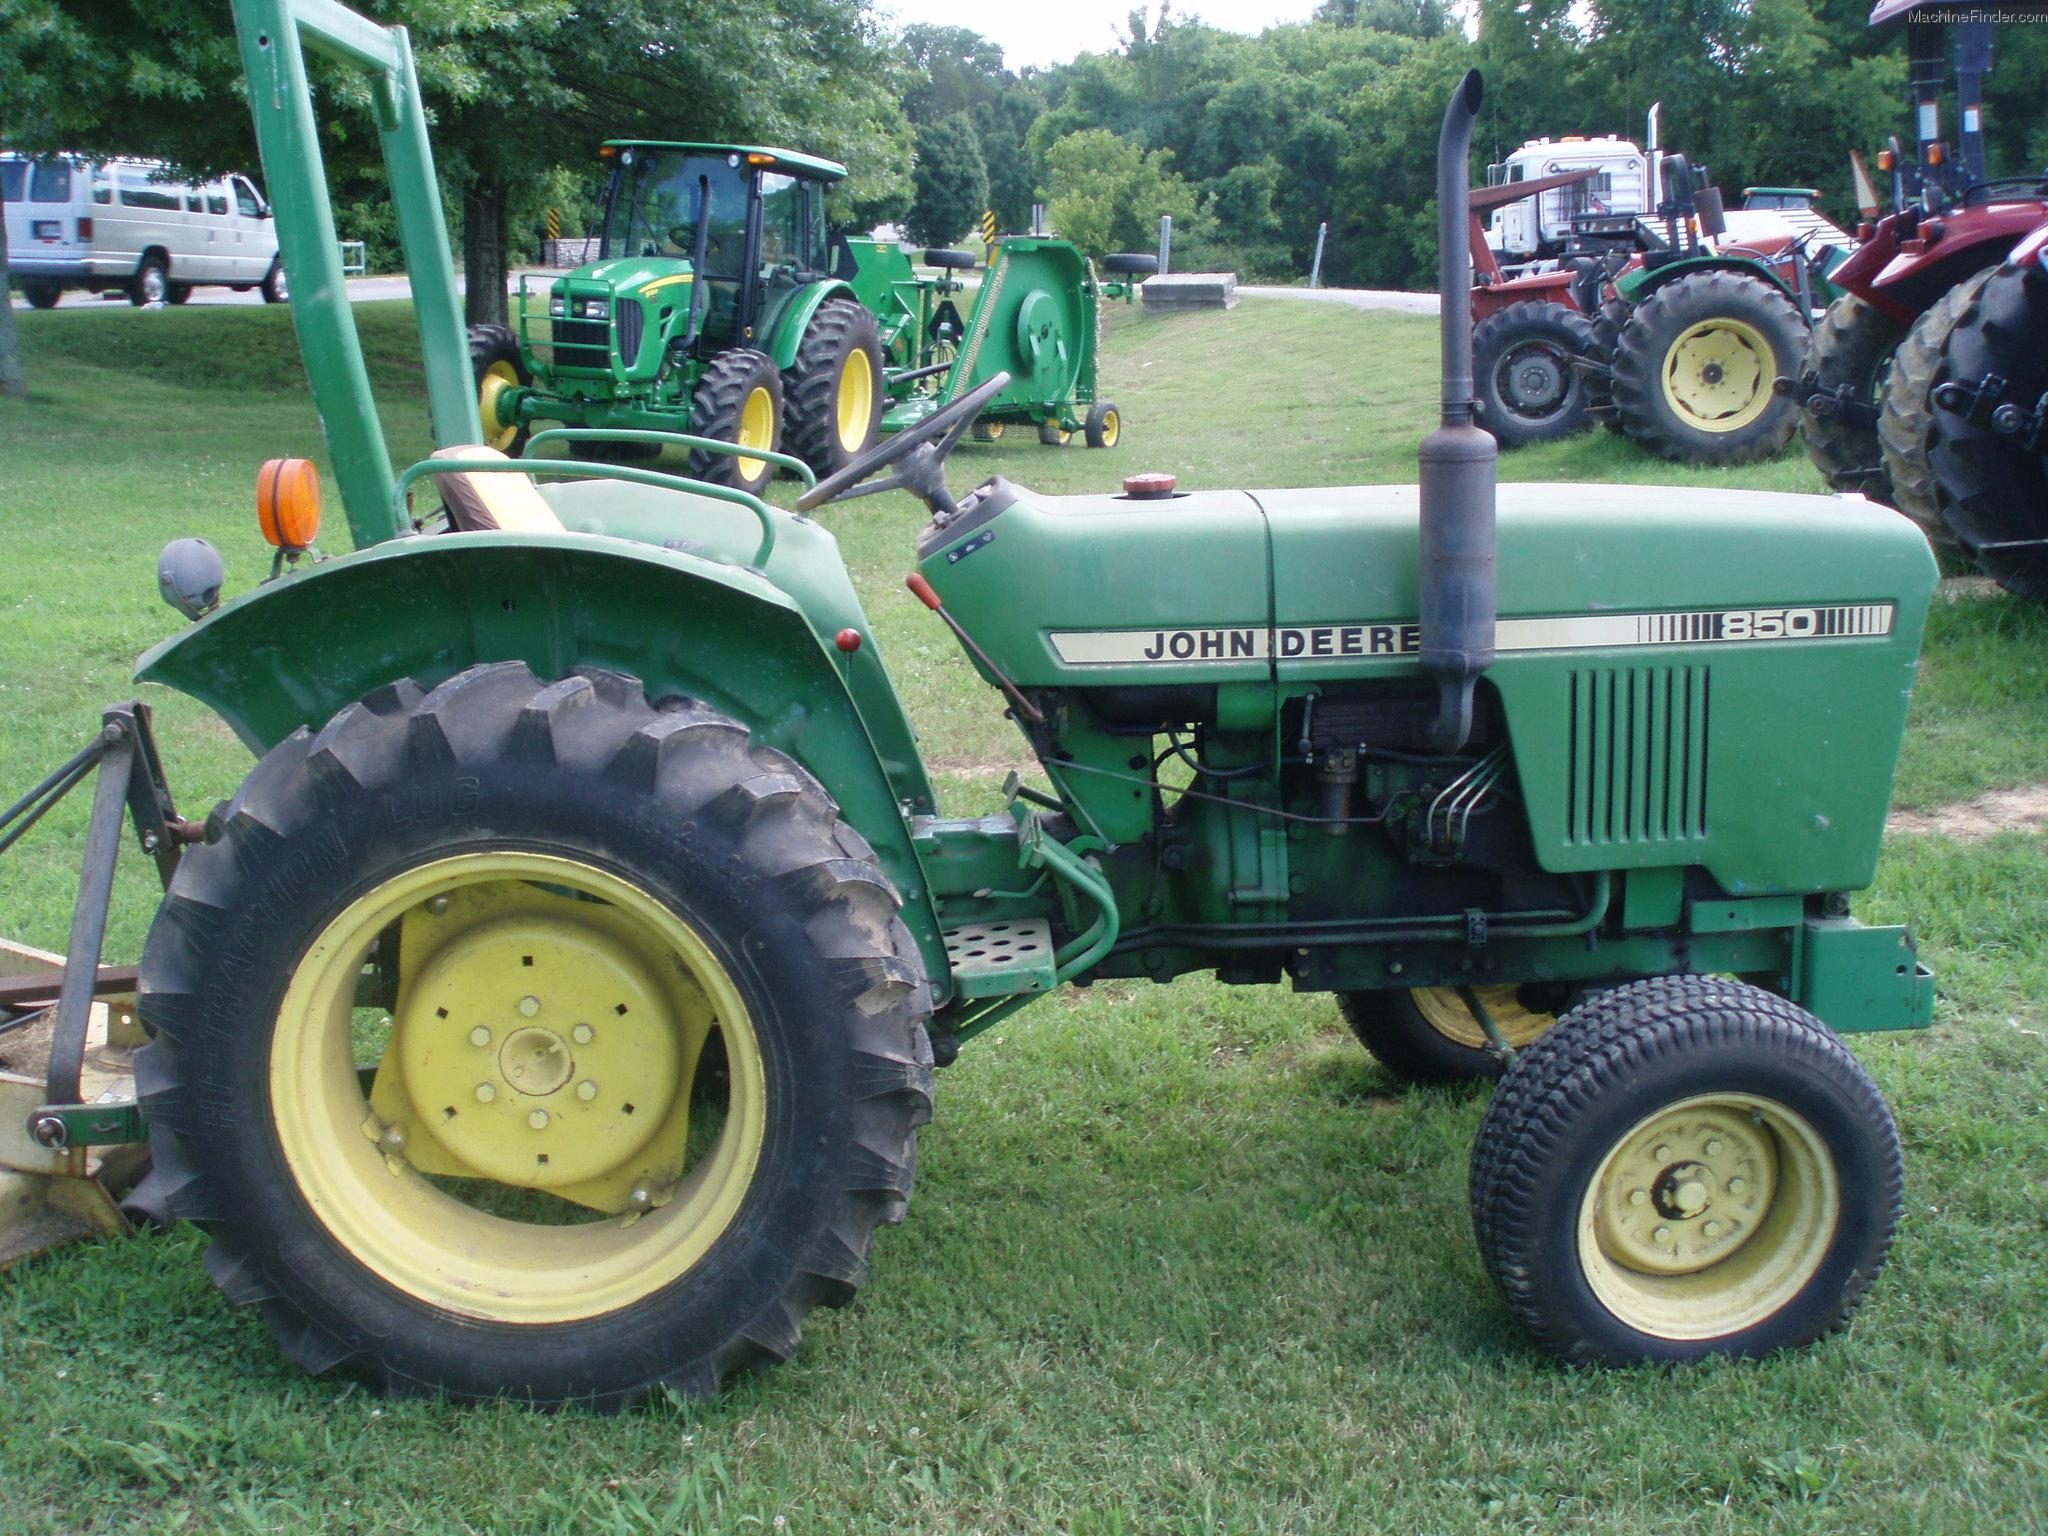 John Deere 850 Tractor Seat : John deere tractors compact hp